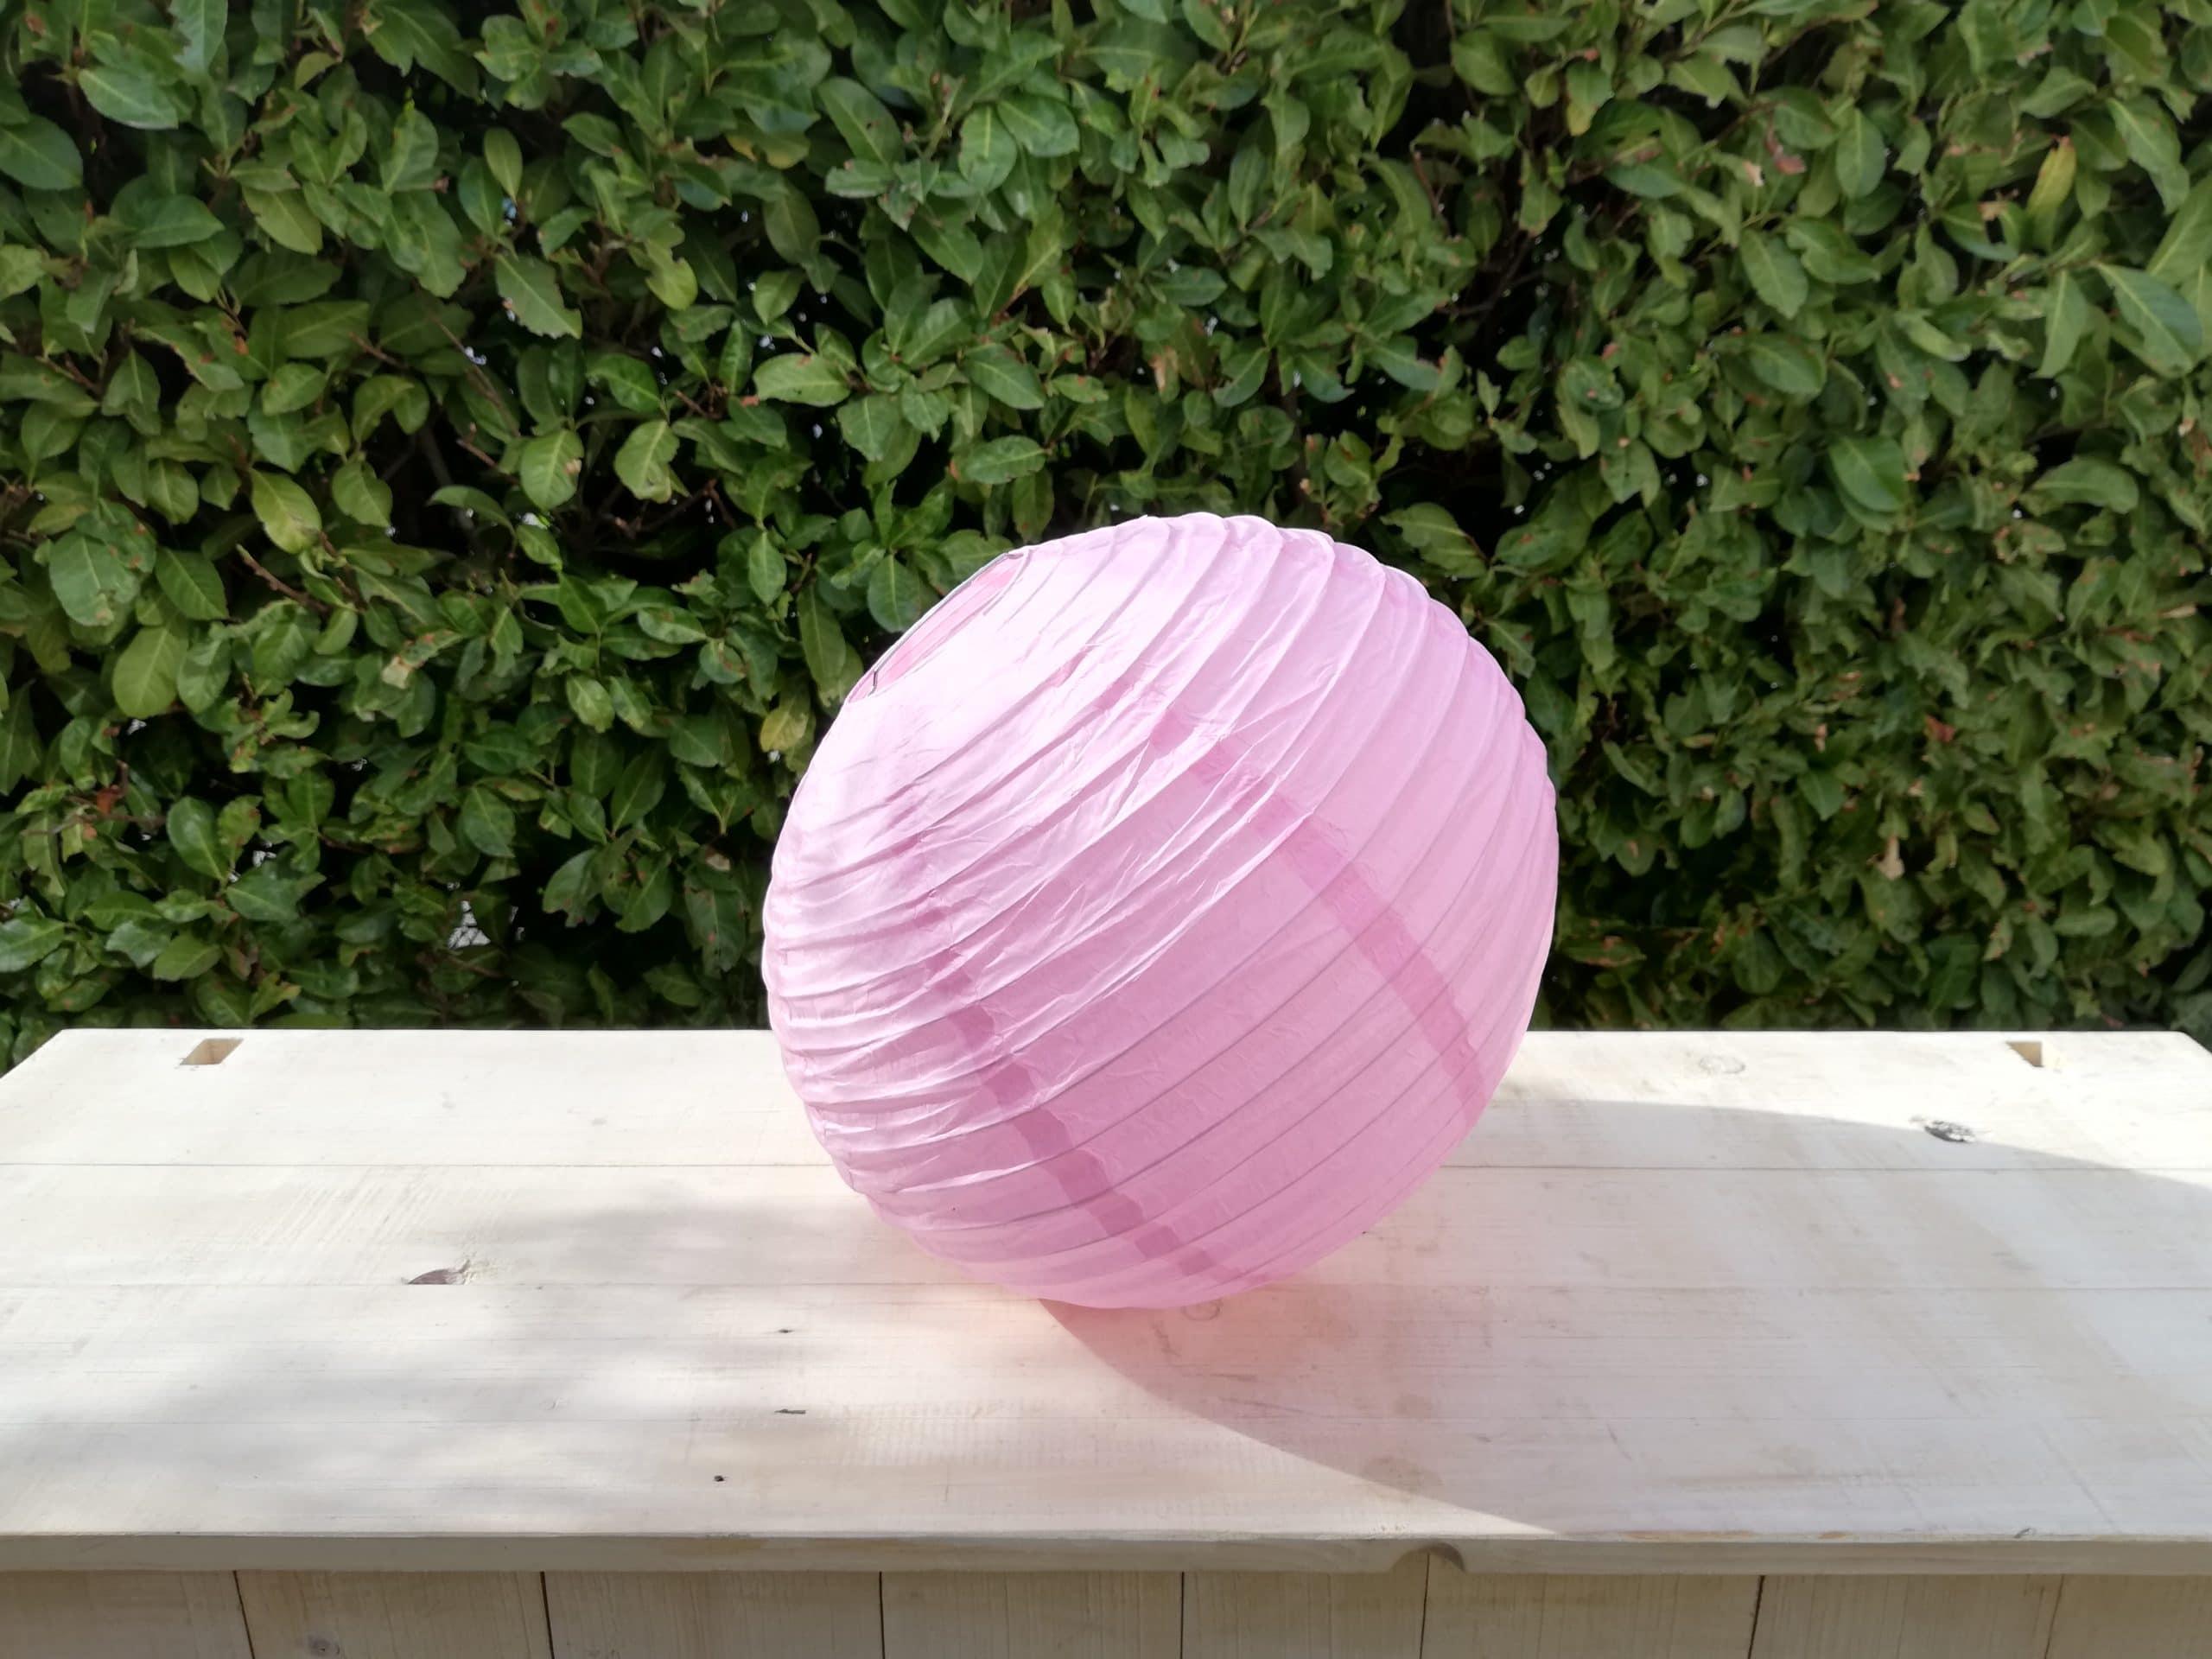 location de boules chinoises rose pâle pour décoration de mariage proposées par esprit pop'up